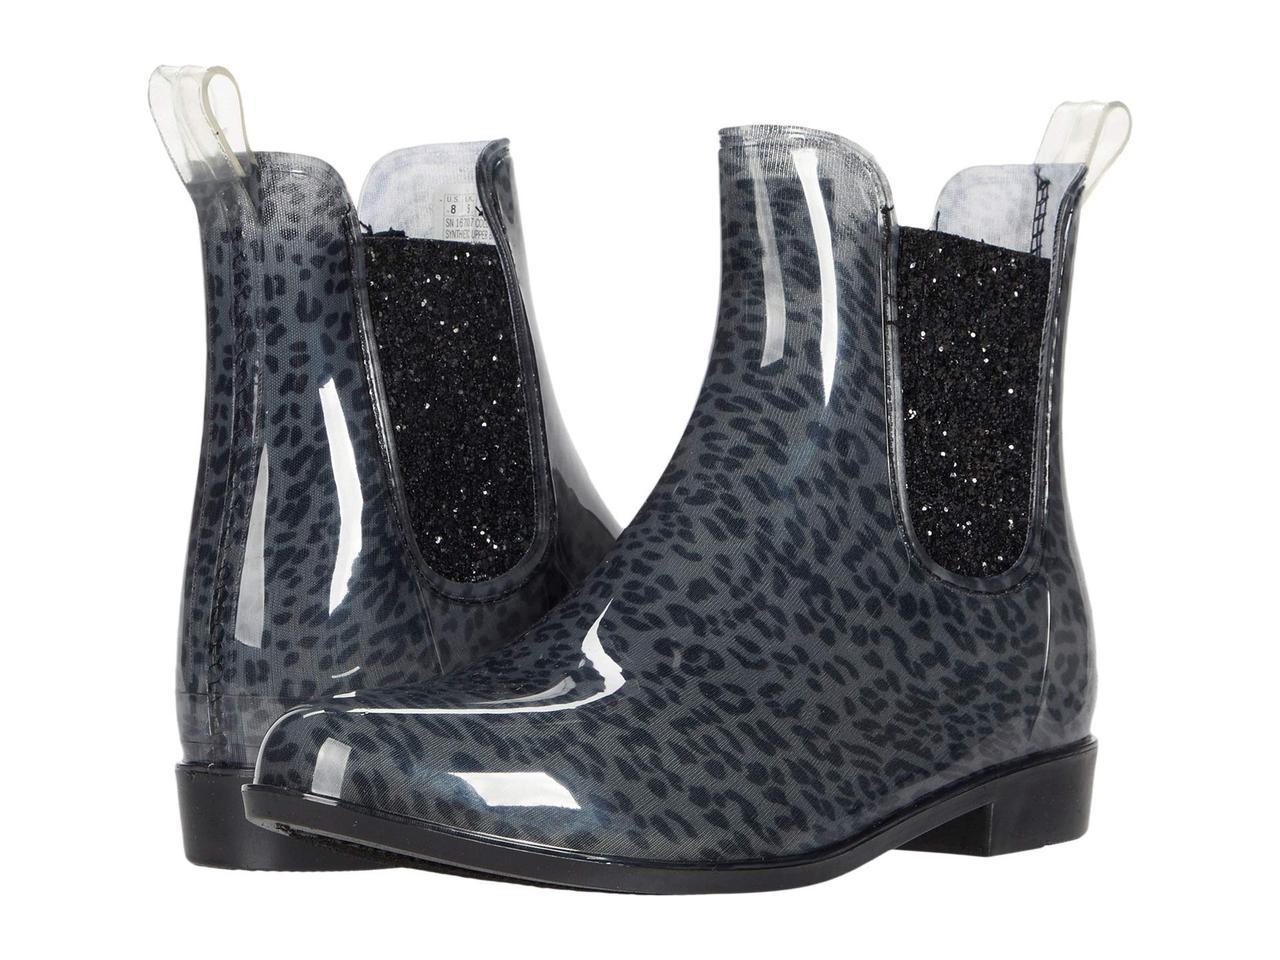 Ботинки/Сапоги (Оригинал) SKECHERS Puddler - Wild Gal Leopard Charcoal